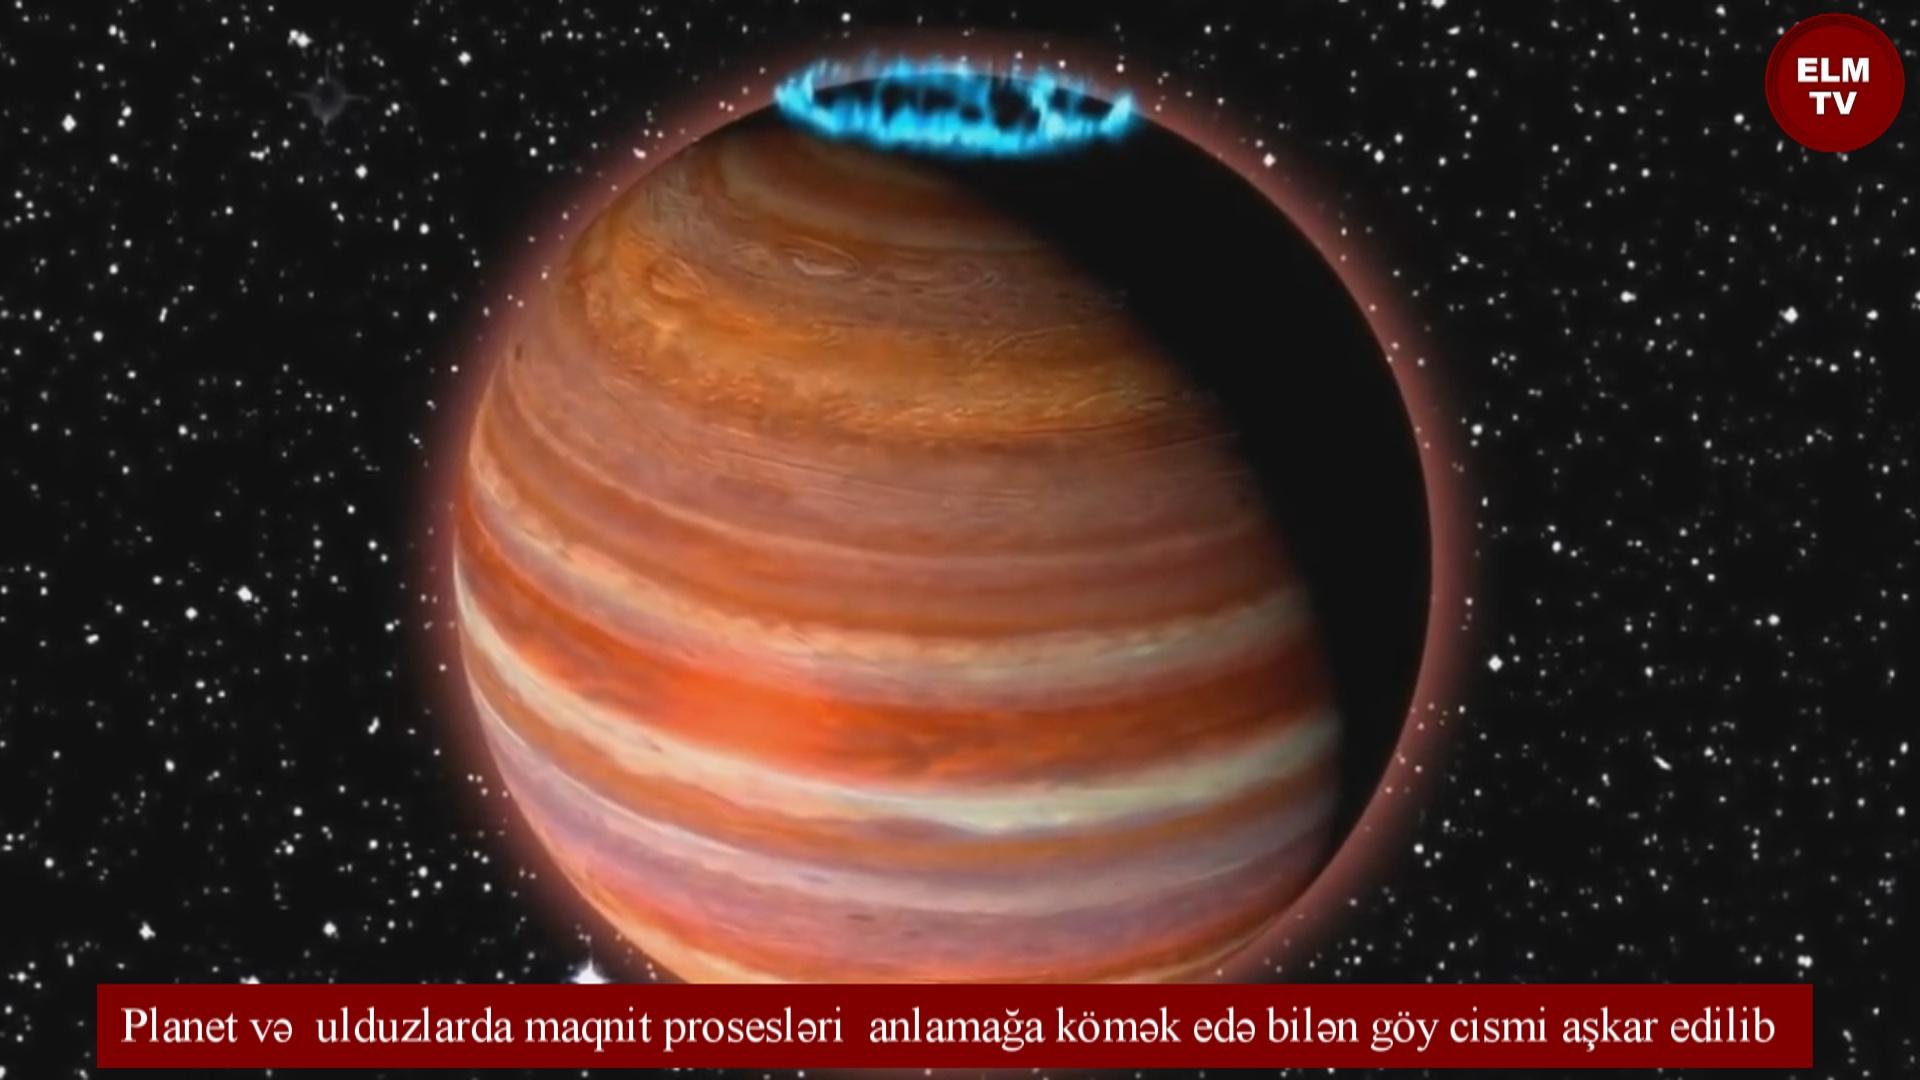 Planet və ulduzlarda maqnit prosesləri anlamağa kömək edə bilən göy cismi aşkar edilib